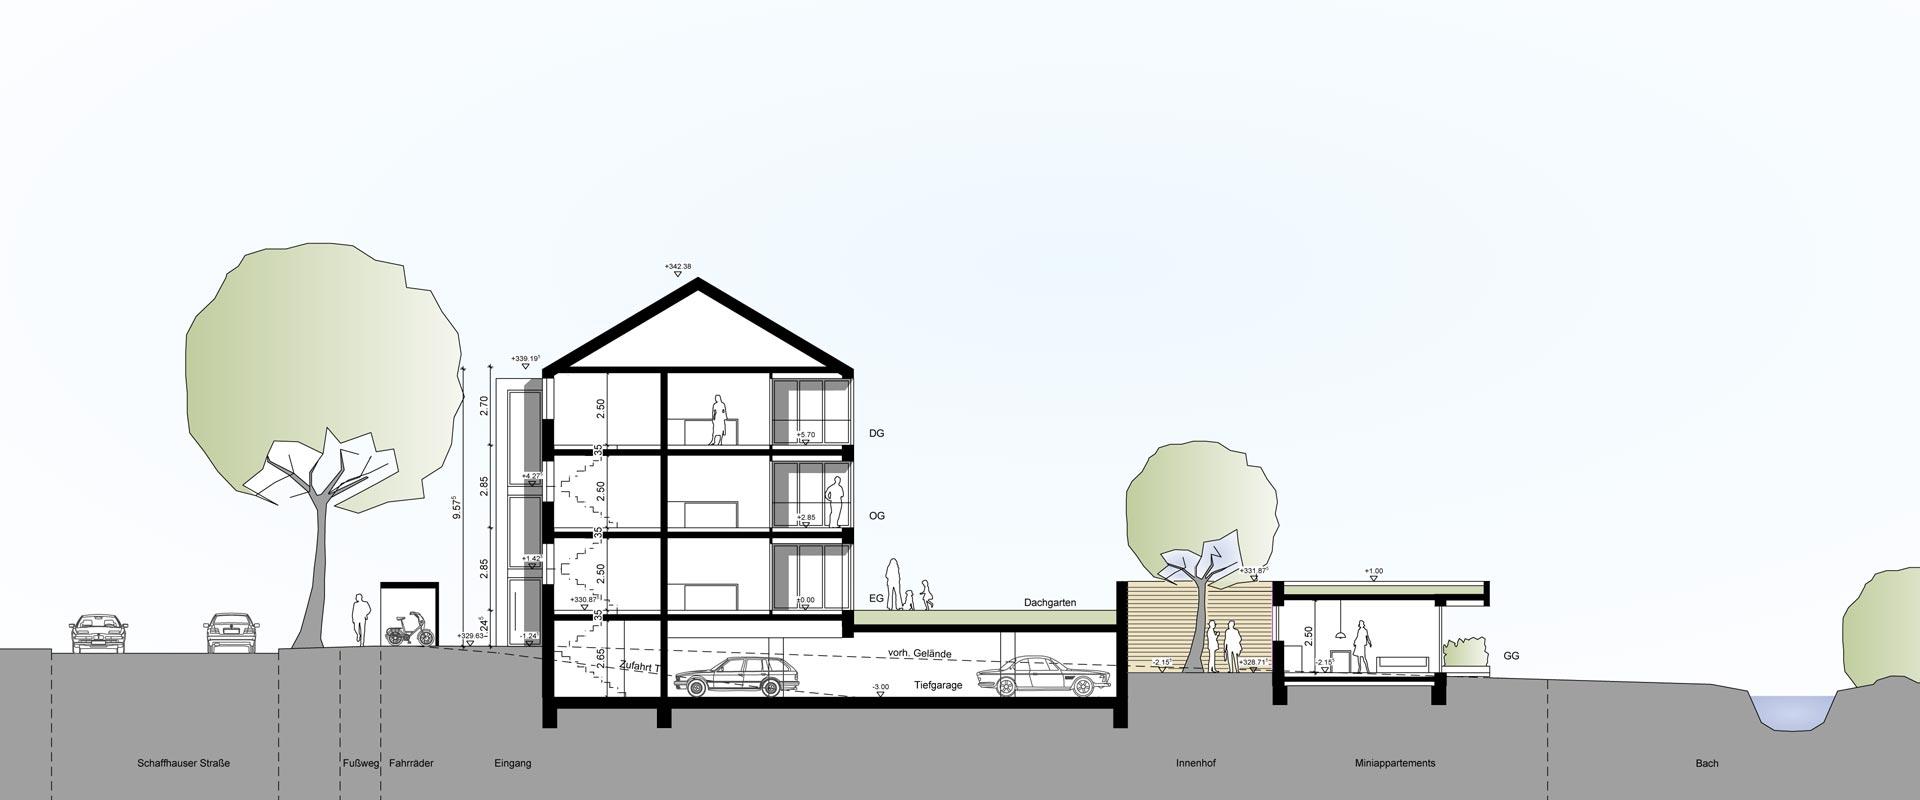 Architekturbüro Musahl Waldshut Wohnanlage Schaffhauser Straße in Tiengen Schnitt